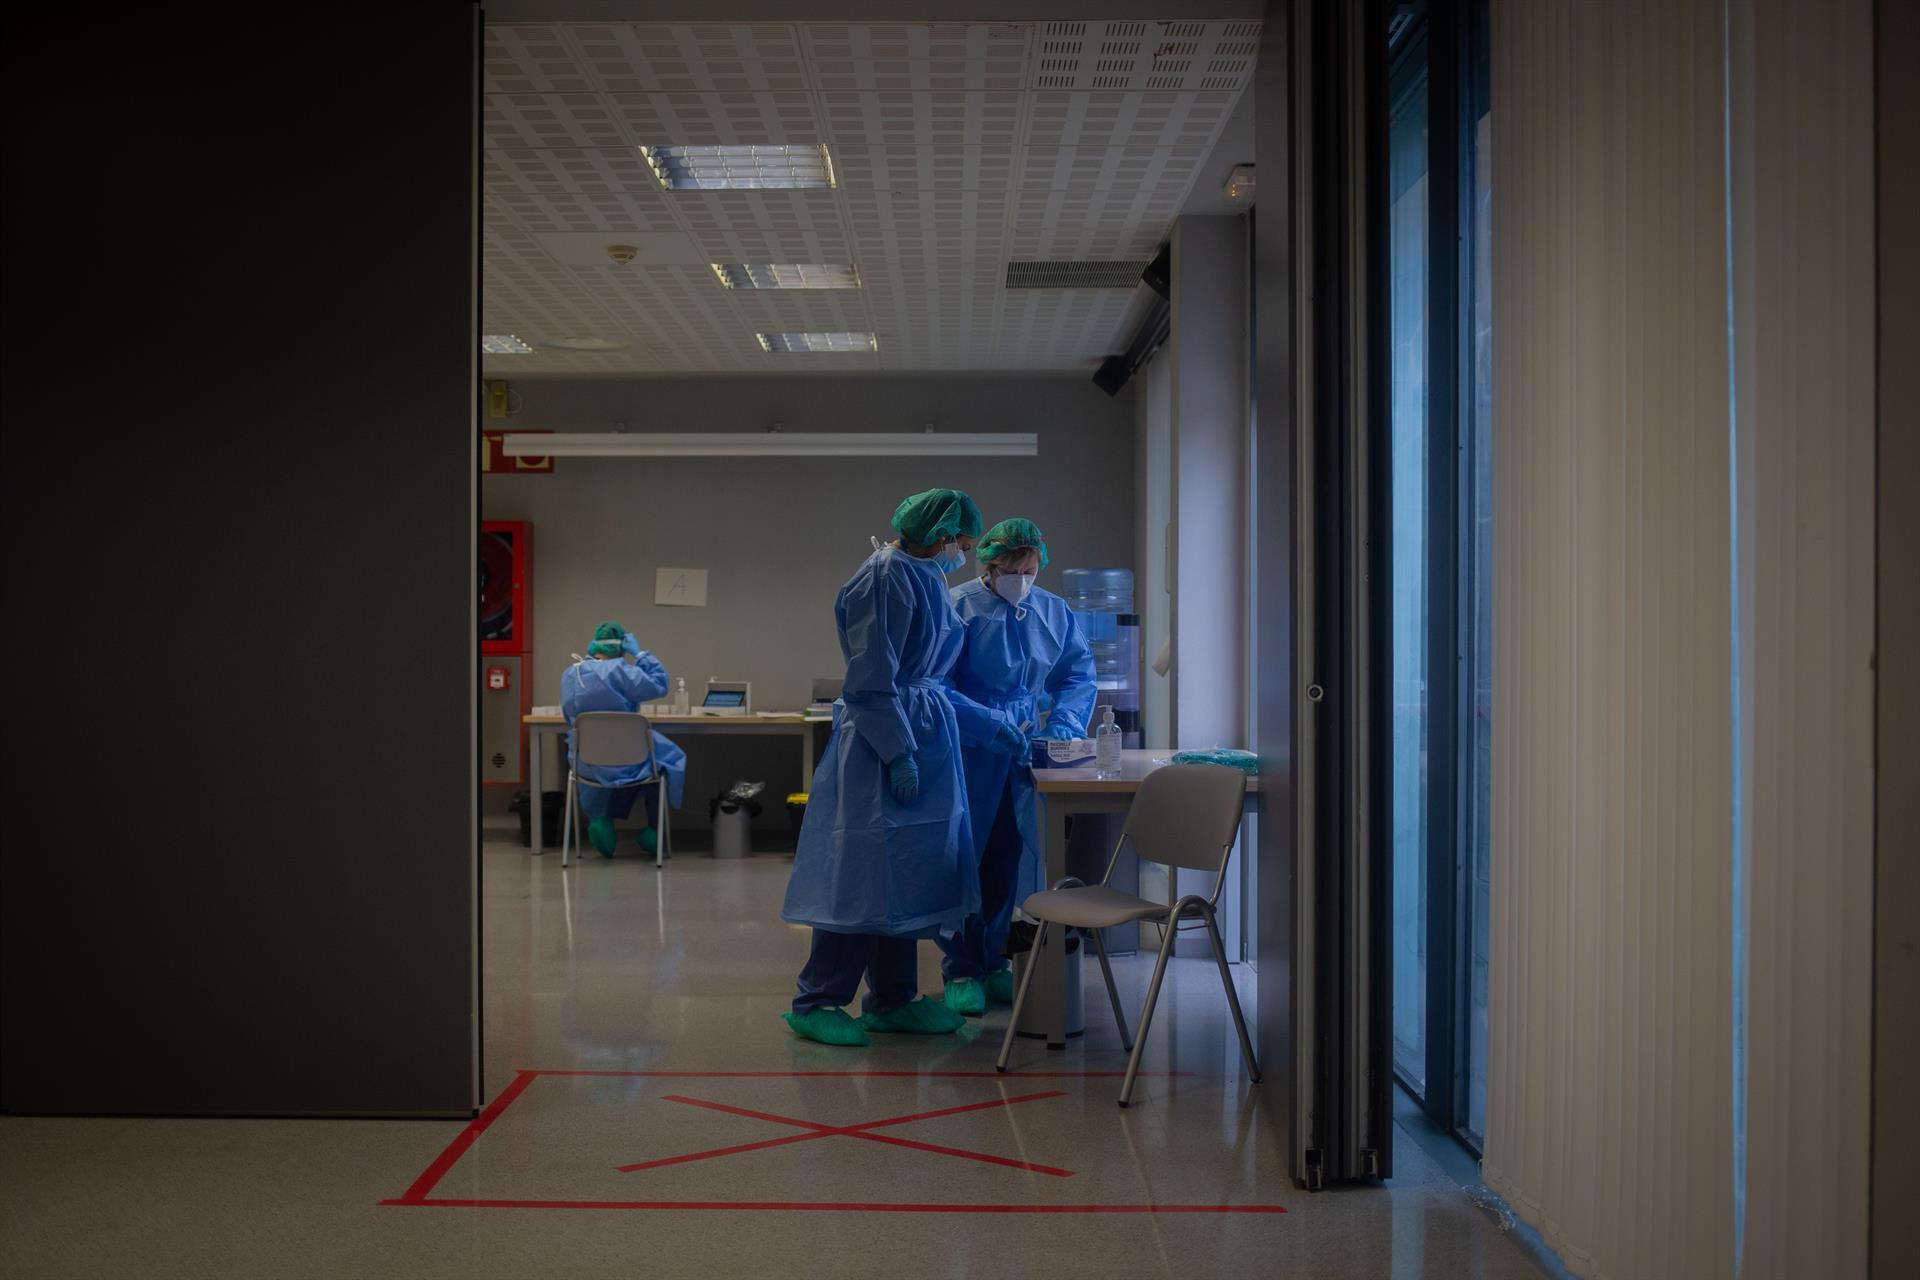 Diez fallecidos y 346 contagios mantienen el ritmo de bajada en la incidencia